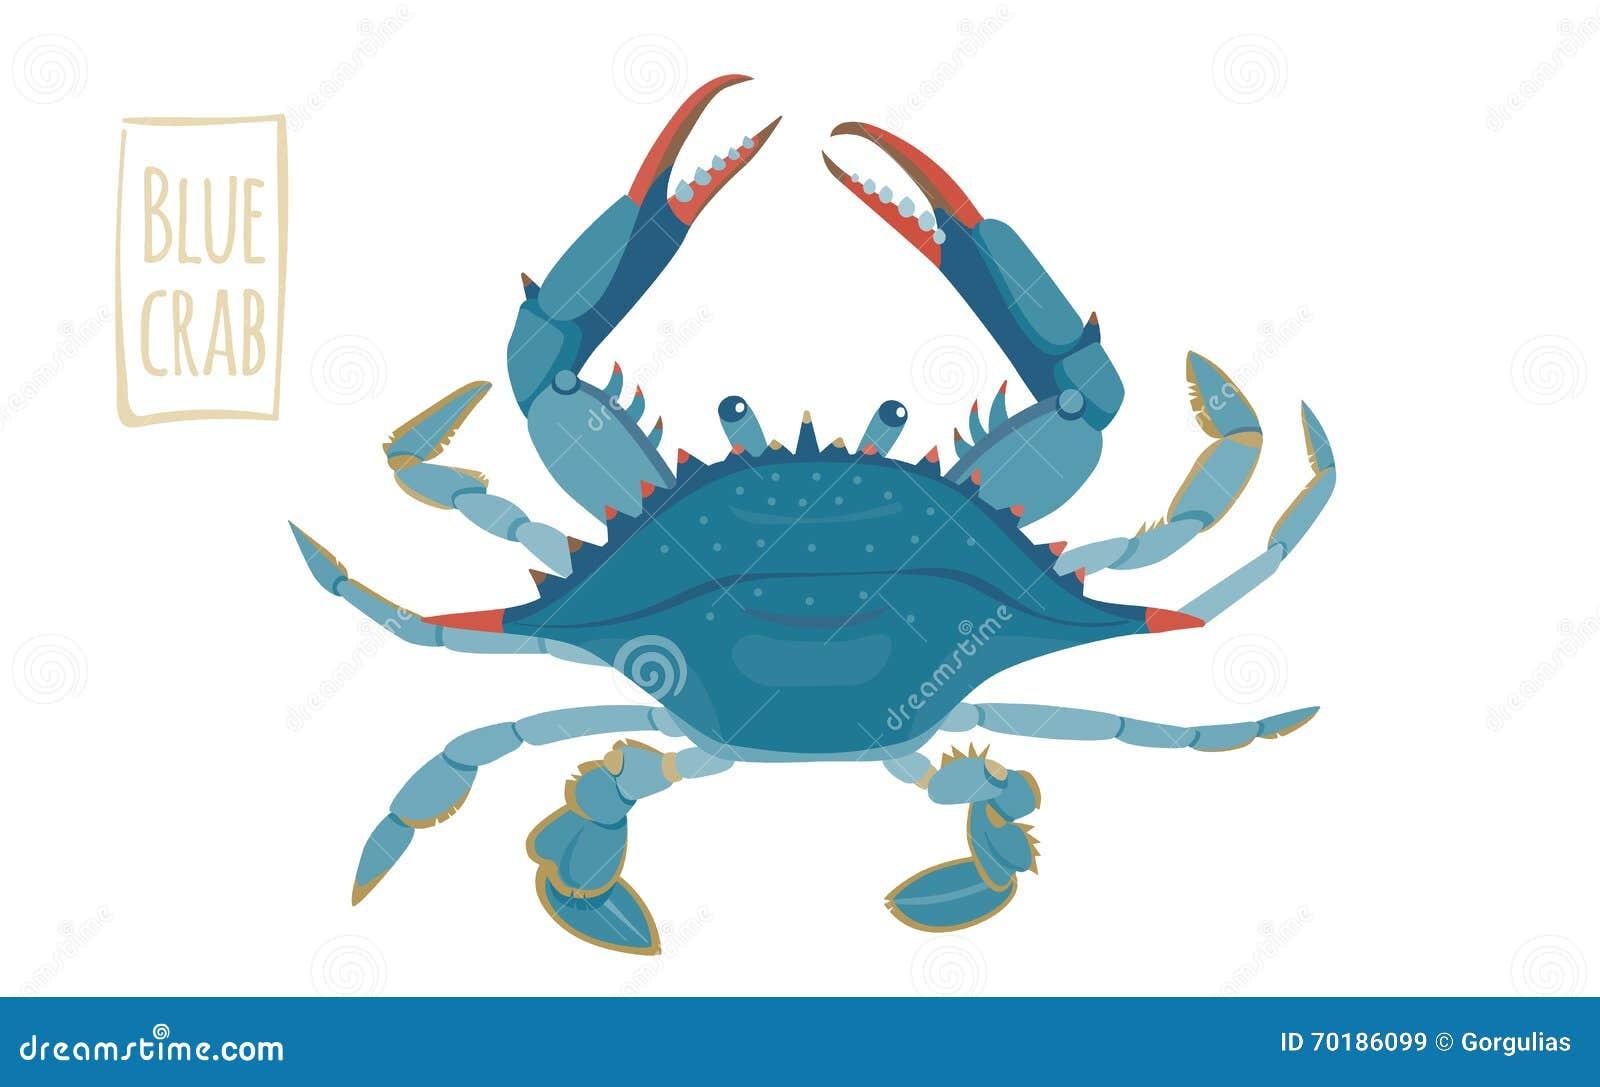 Blå krabba, tecknad filmillustration